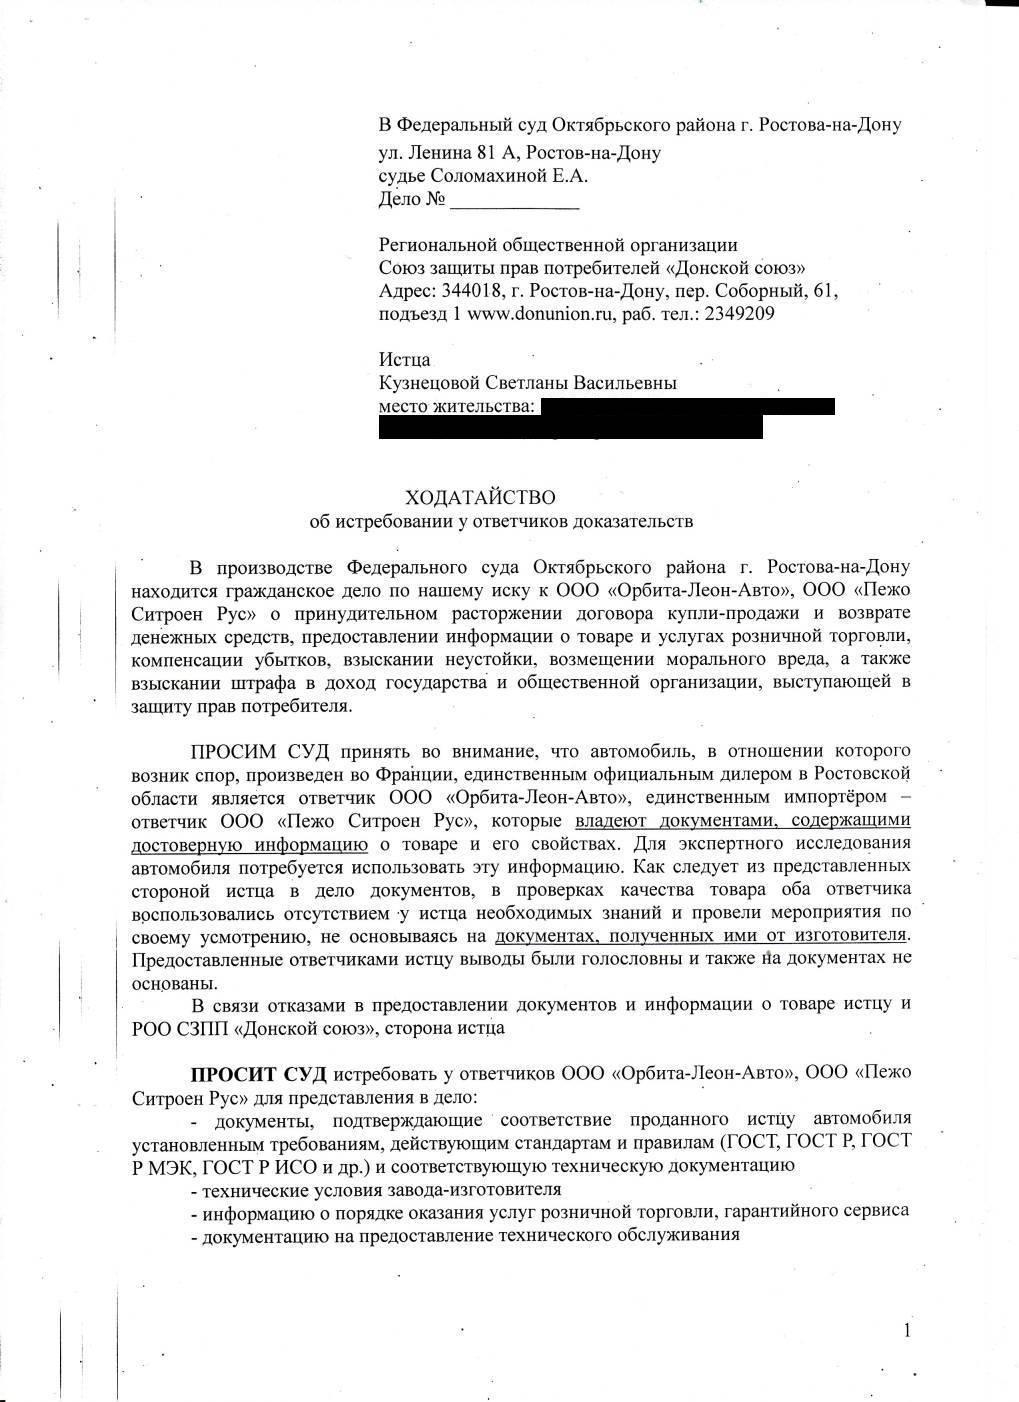 истребование документов судом по гражданским делам Мне